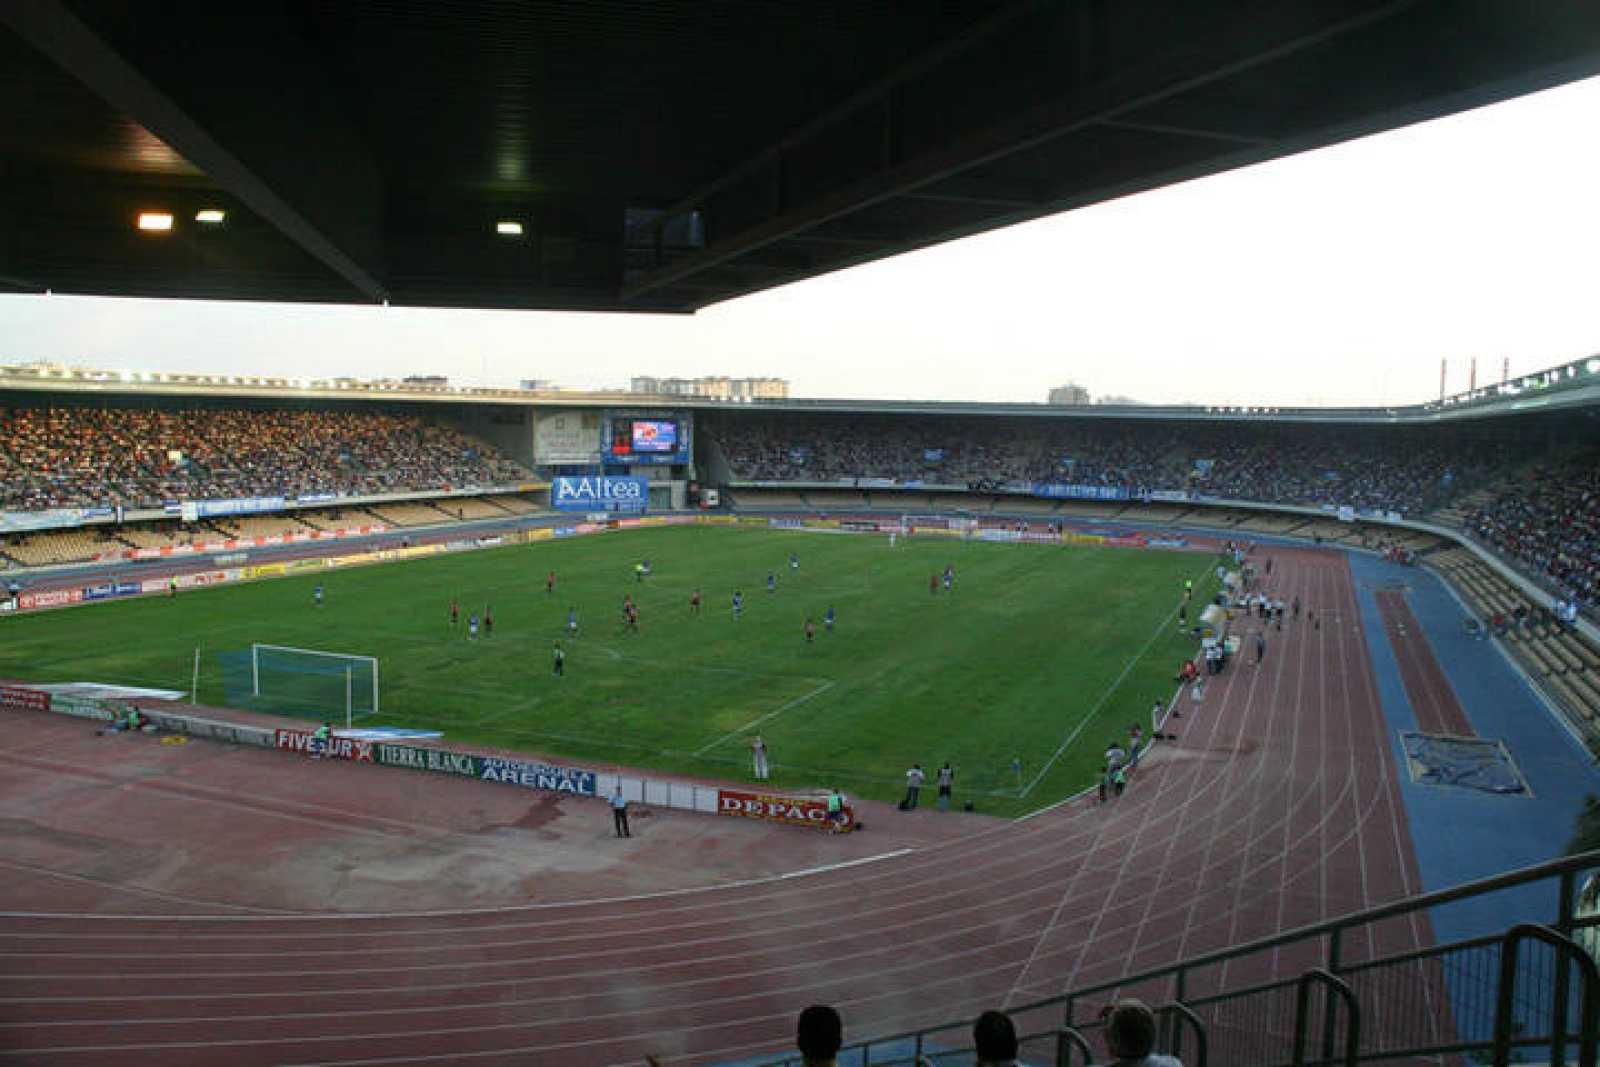 Vista general del Estadio Municipal Chapín donde juega el Xerez CD